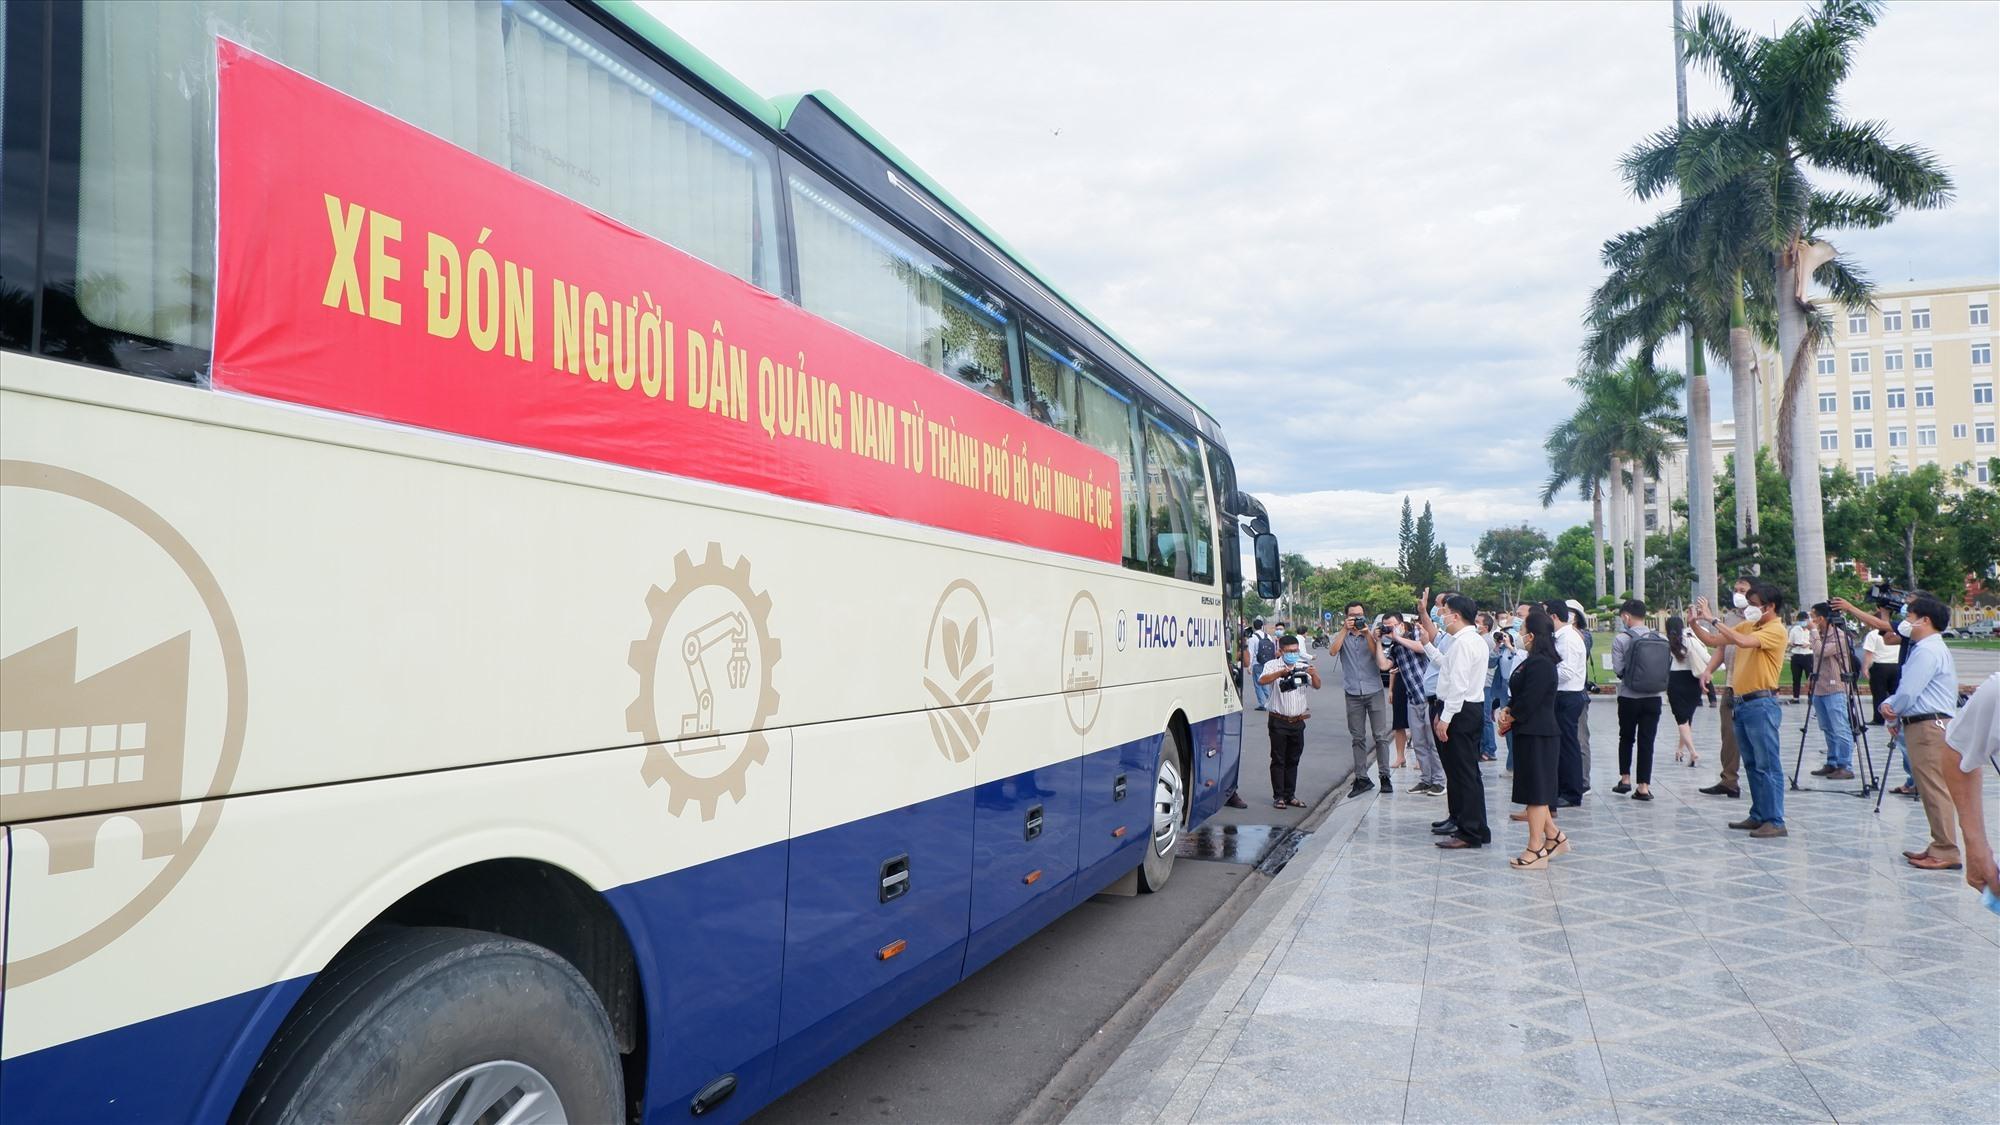 Khởi hành đoàn xe đón đồng hương Quảng Nam từ TP.Hồ Chí Minh về quê (clip) 5